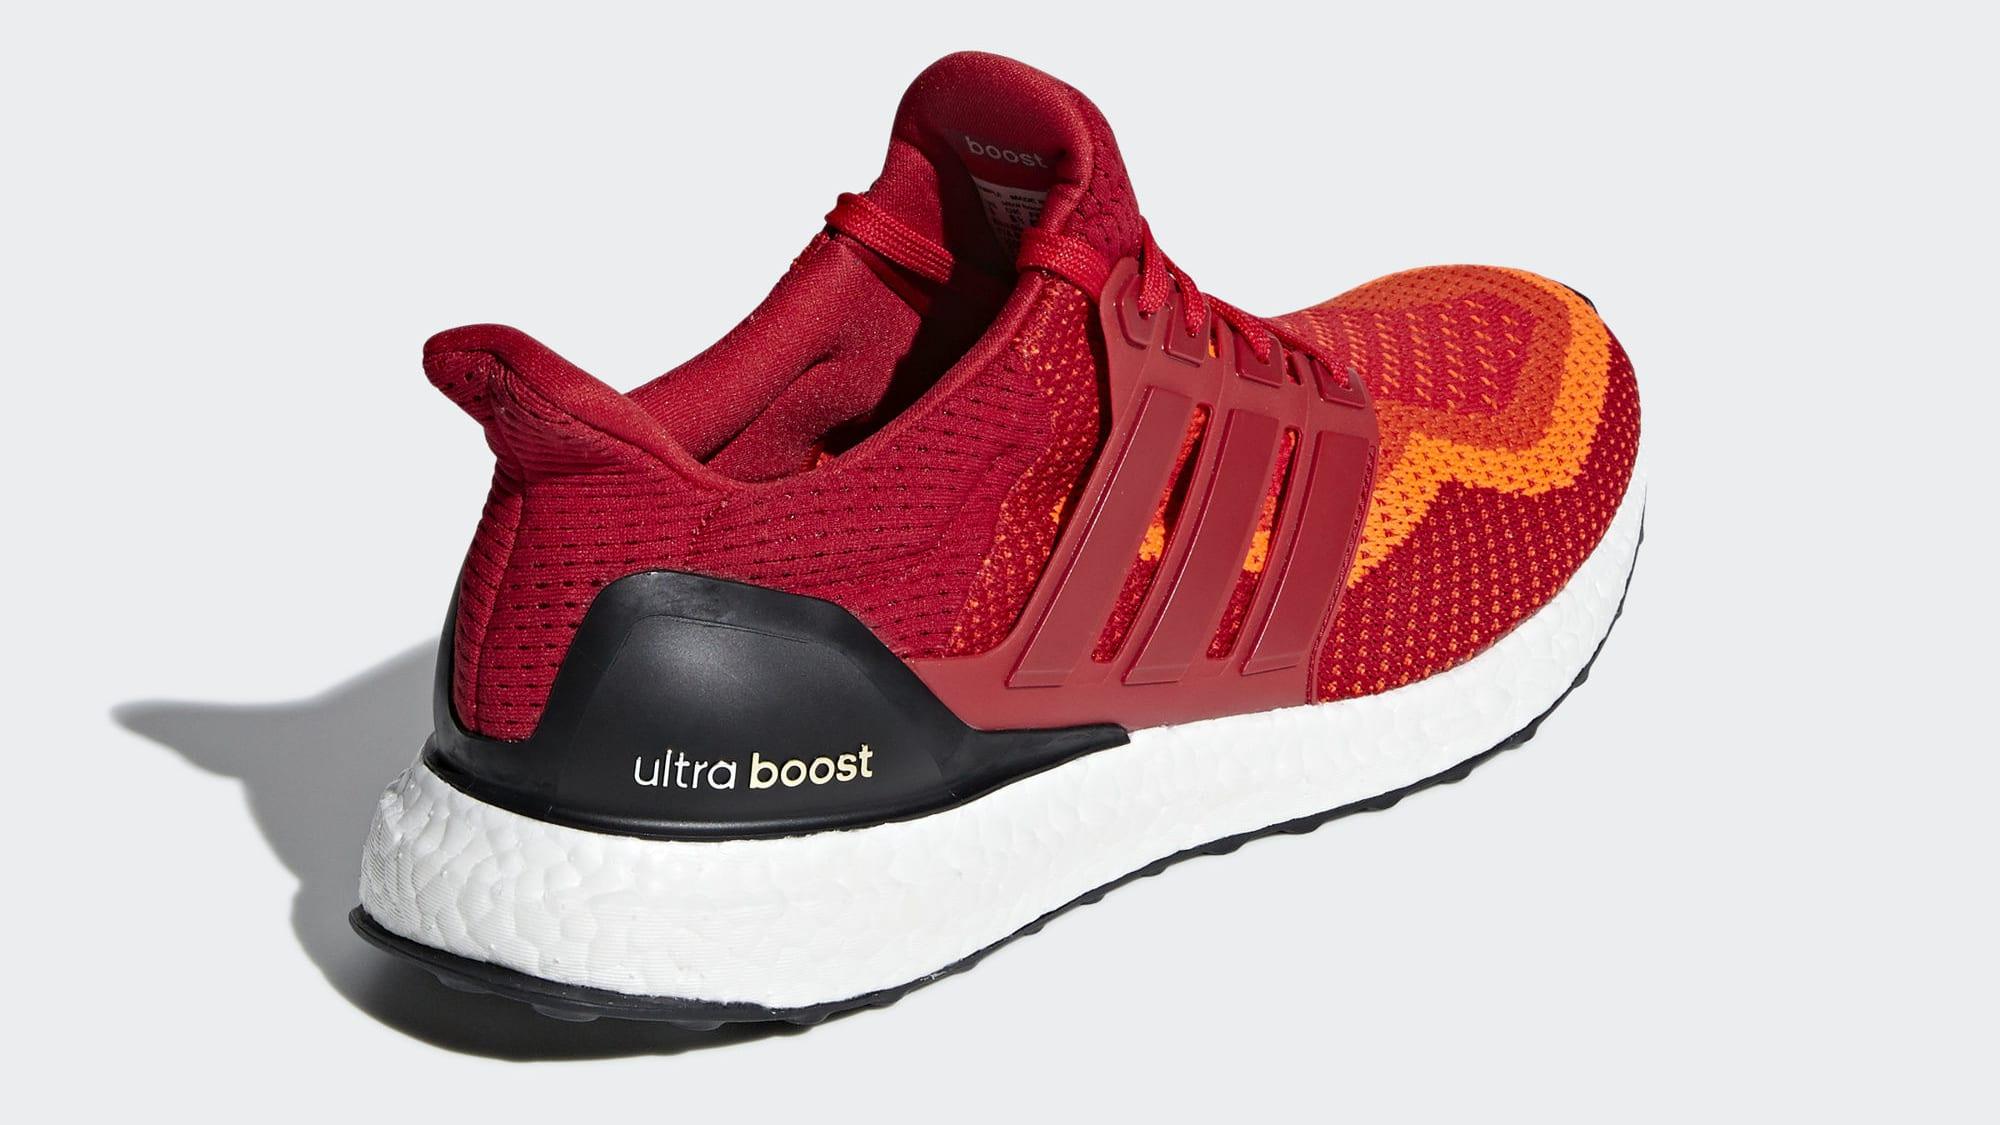 adidas-ultra-boost-2-0-red-gradient-aq4006-heel